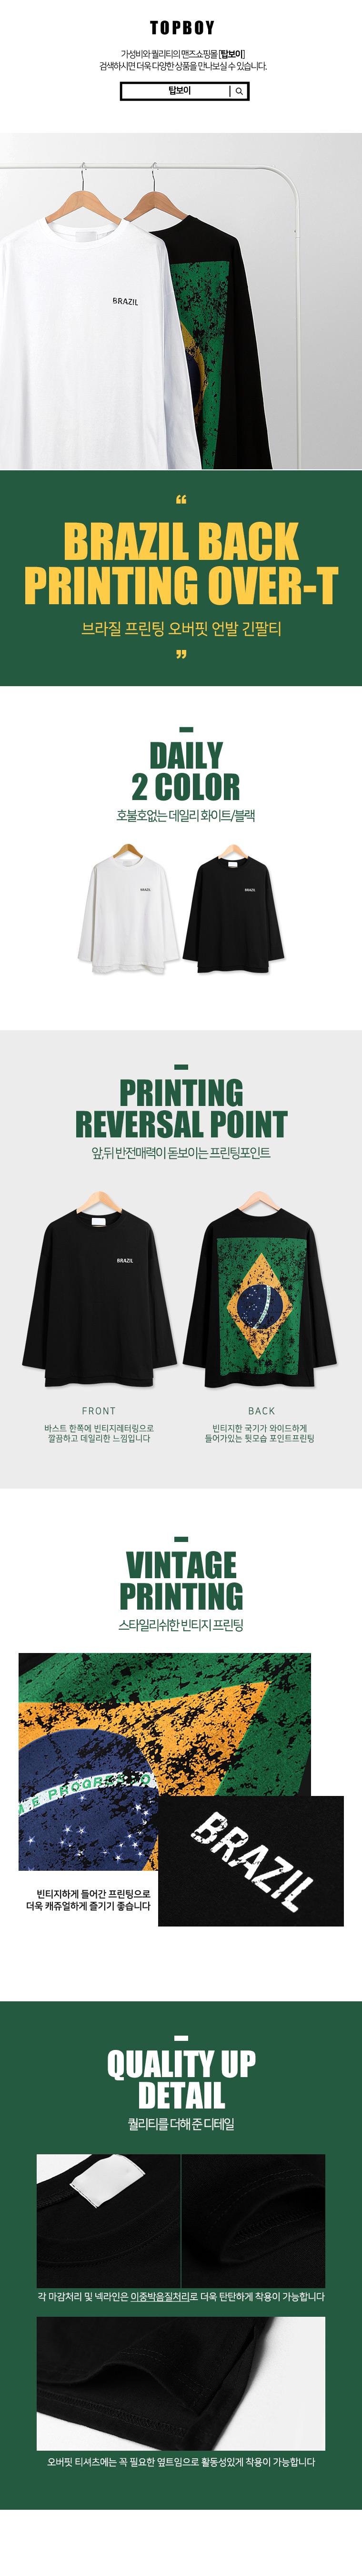 브라질 프린팅 오버핏 언발 긴팔티 (FT017) - 탑보이, 32,800원, 상의, 긴팔티셔츠